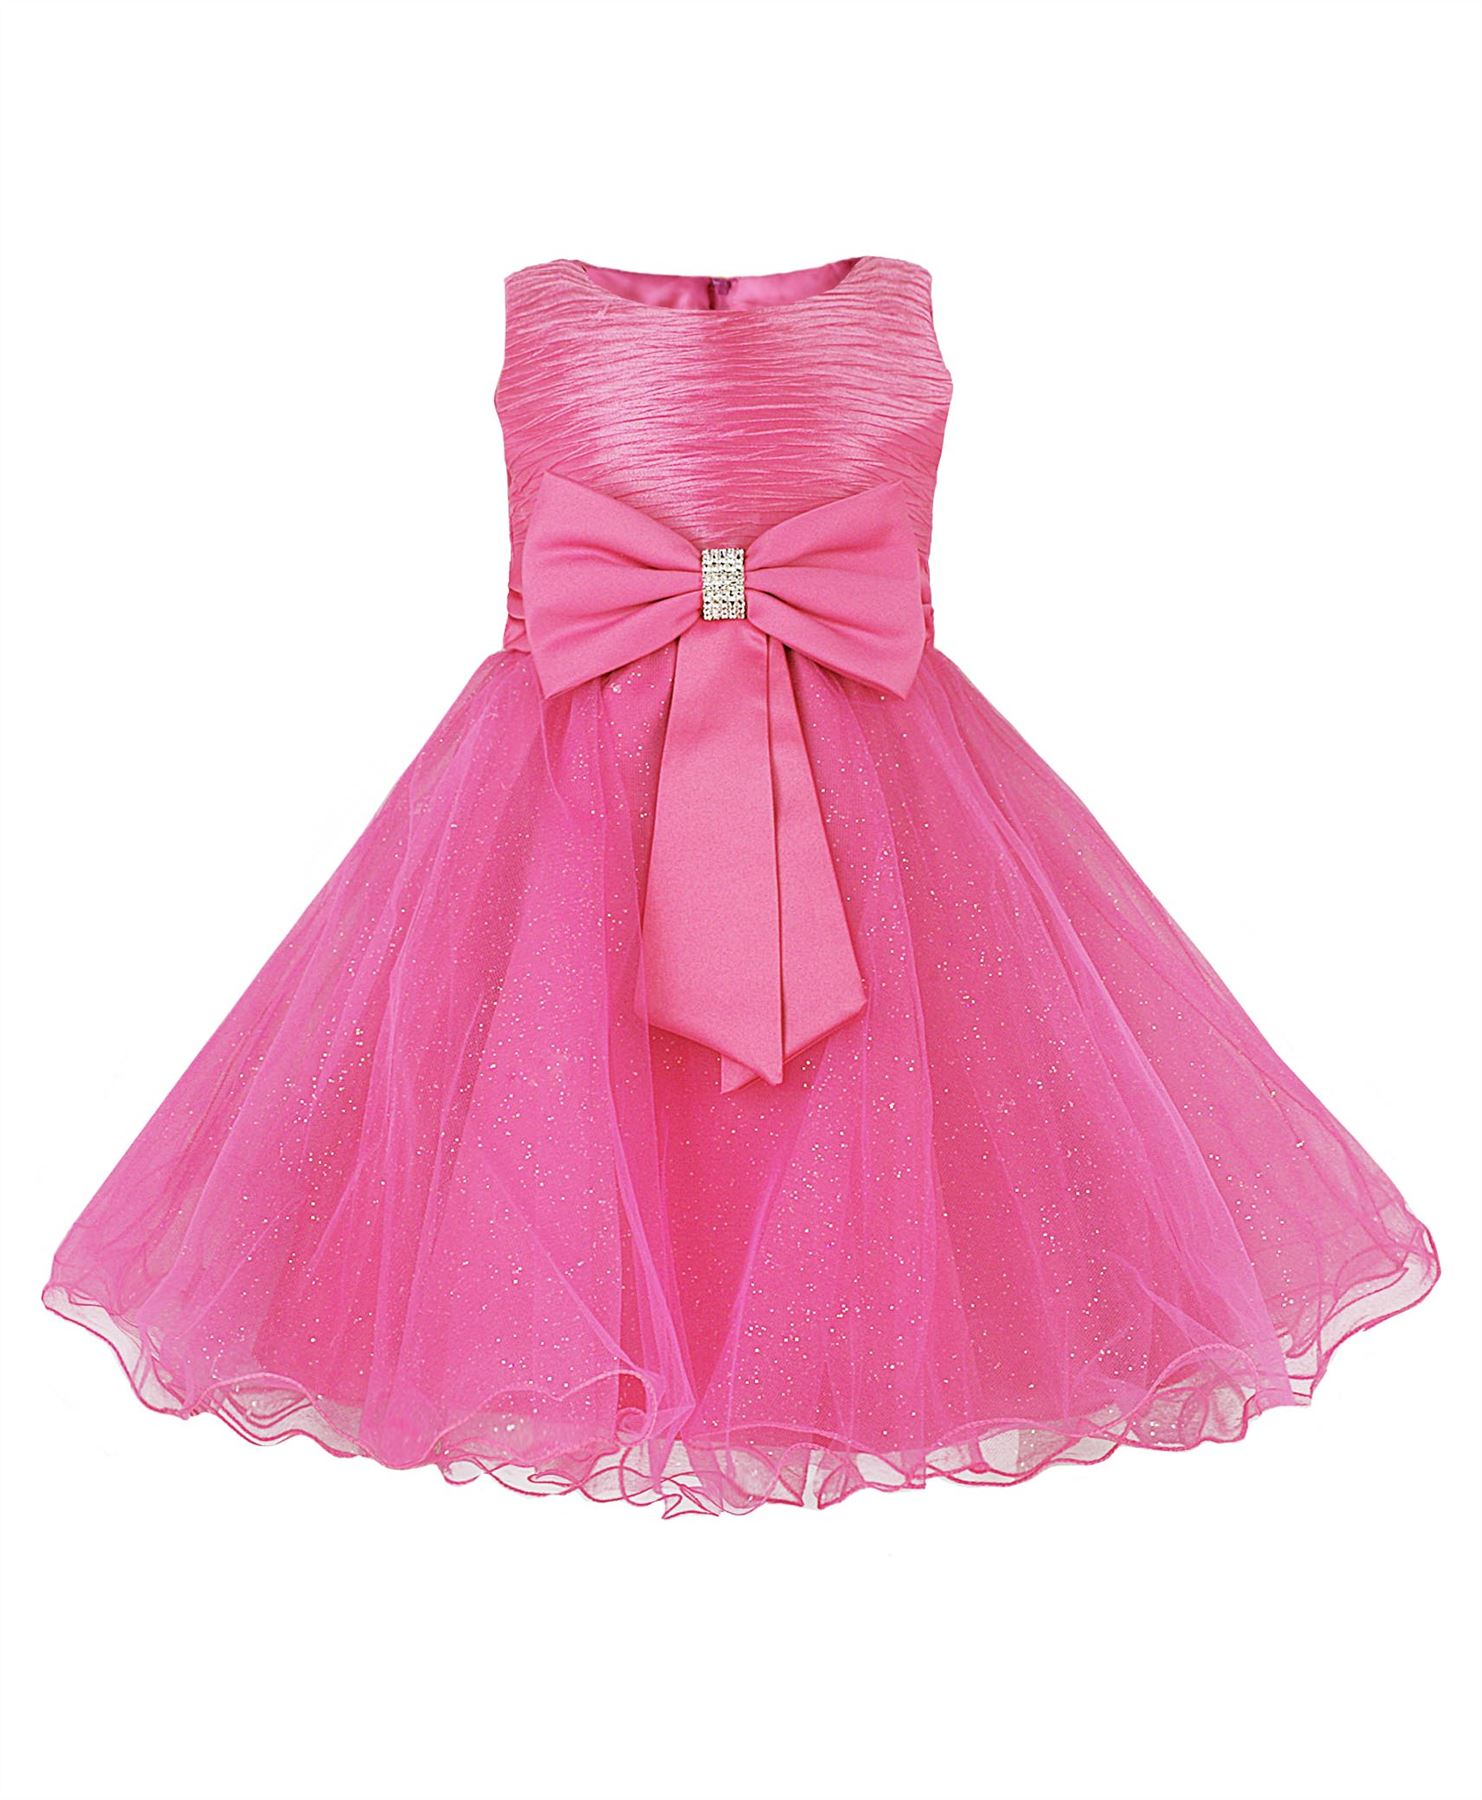 Famoso Ebay Vestidos De Fiesta Festooning - Colección de Vestidos de ...